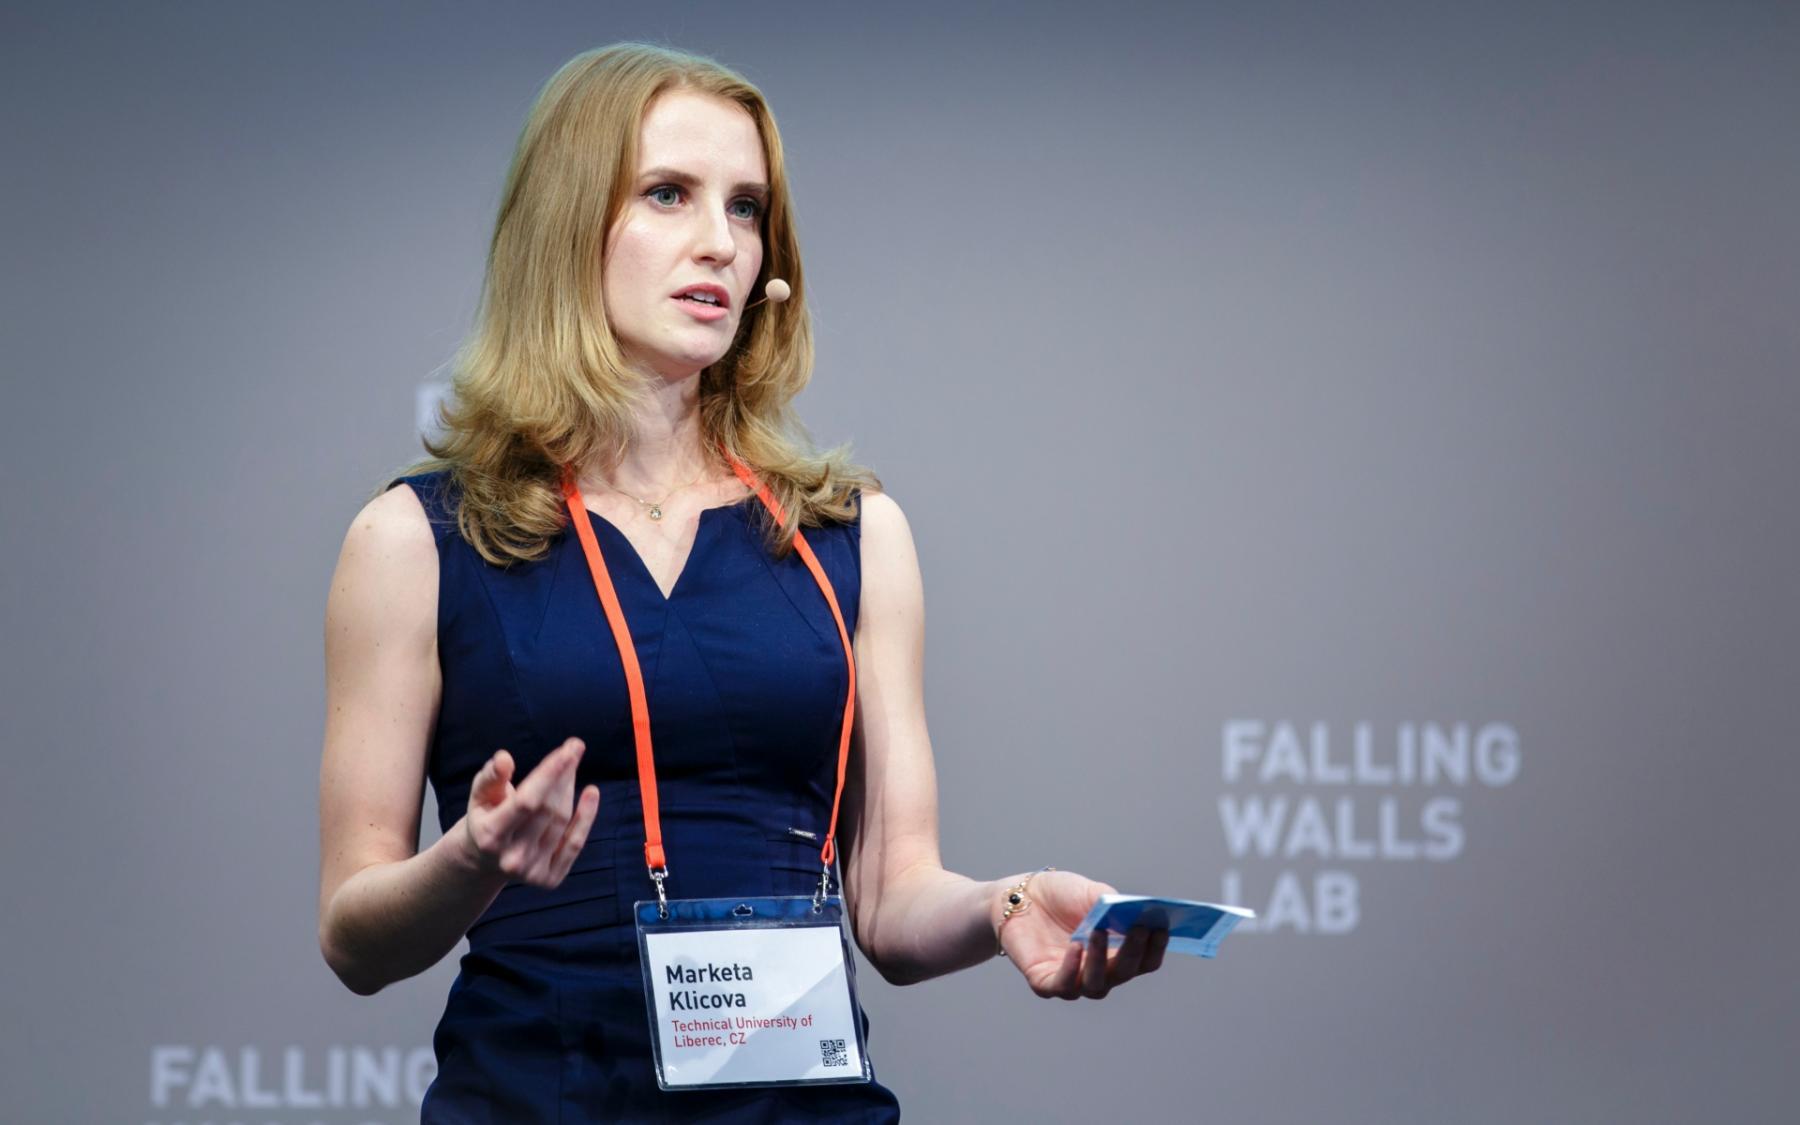 Markéta Klíčová: Vědci pracují tvrdě a čestně. Úspěchy pomohou zlepšit obraz vědy